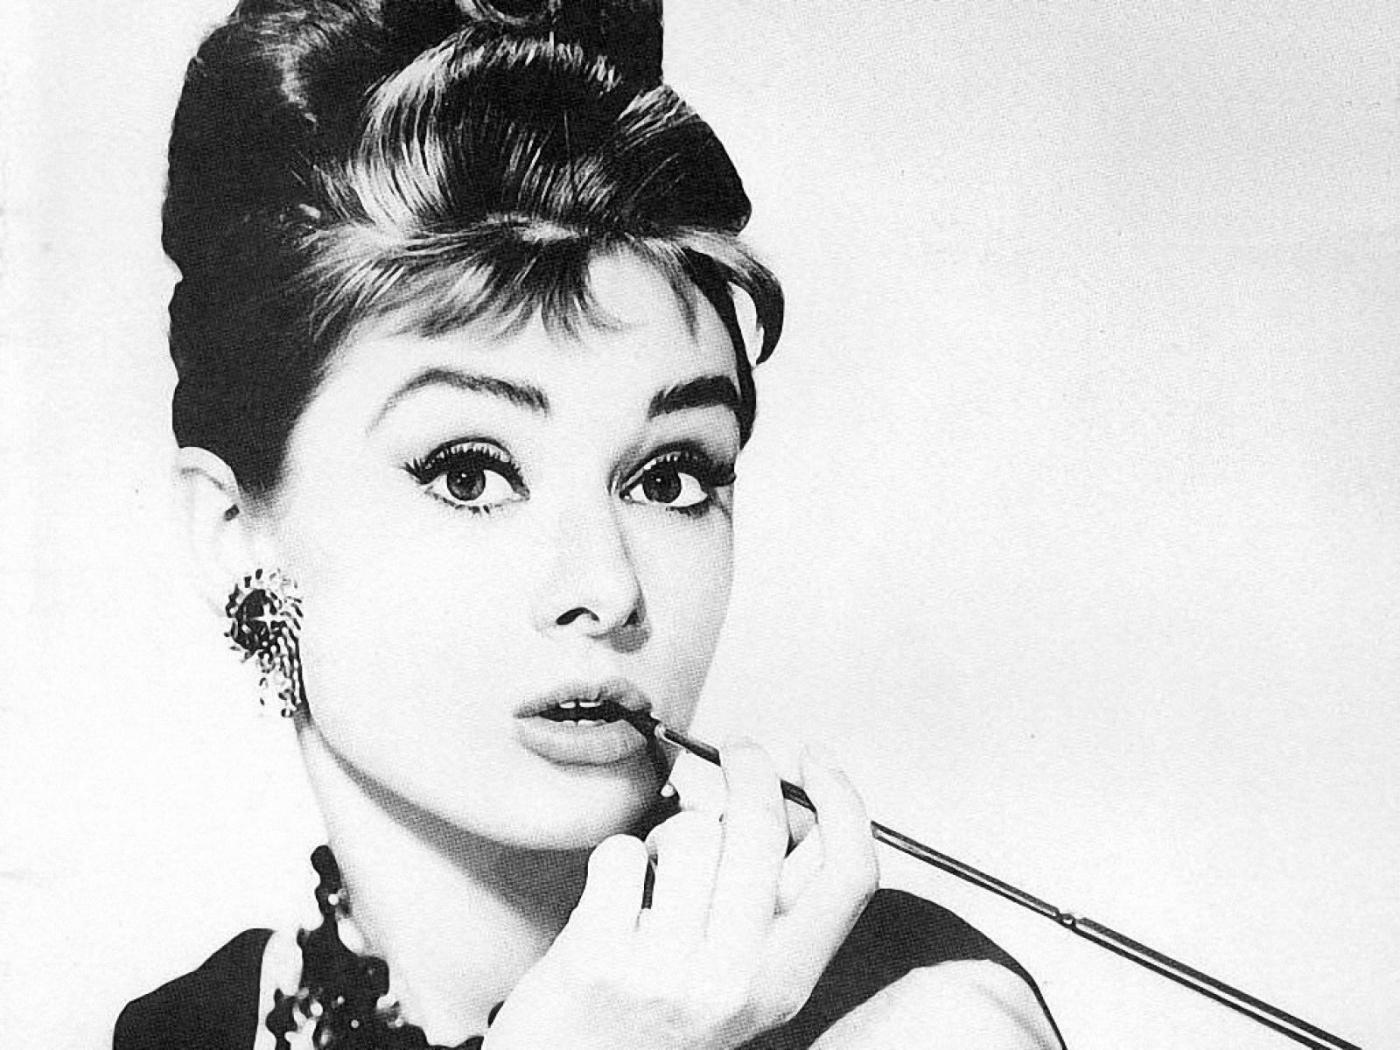 Audrey Hepburn Breakfast